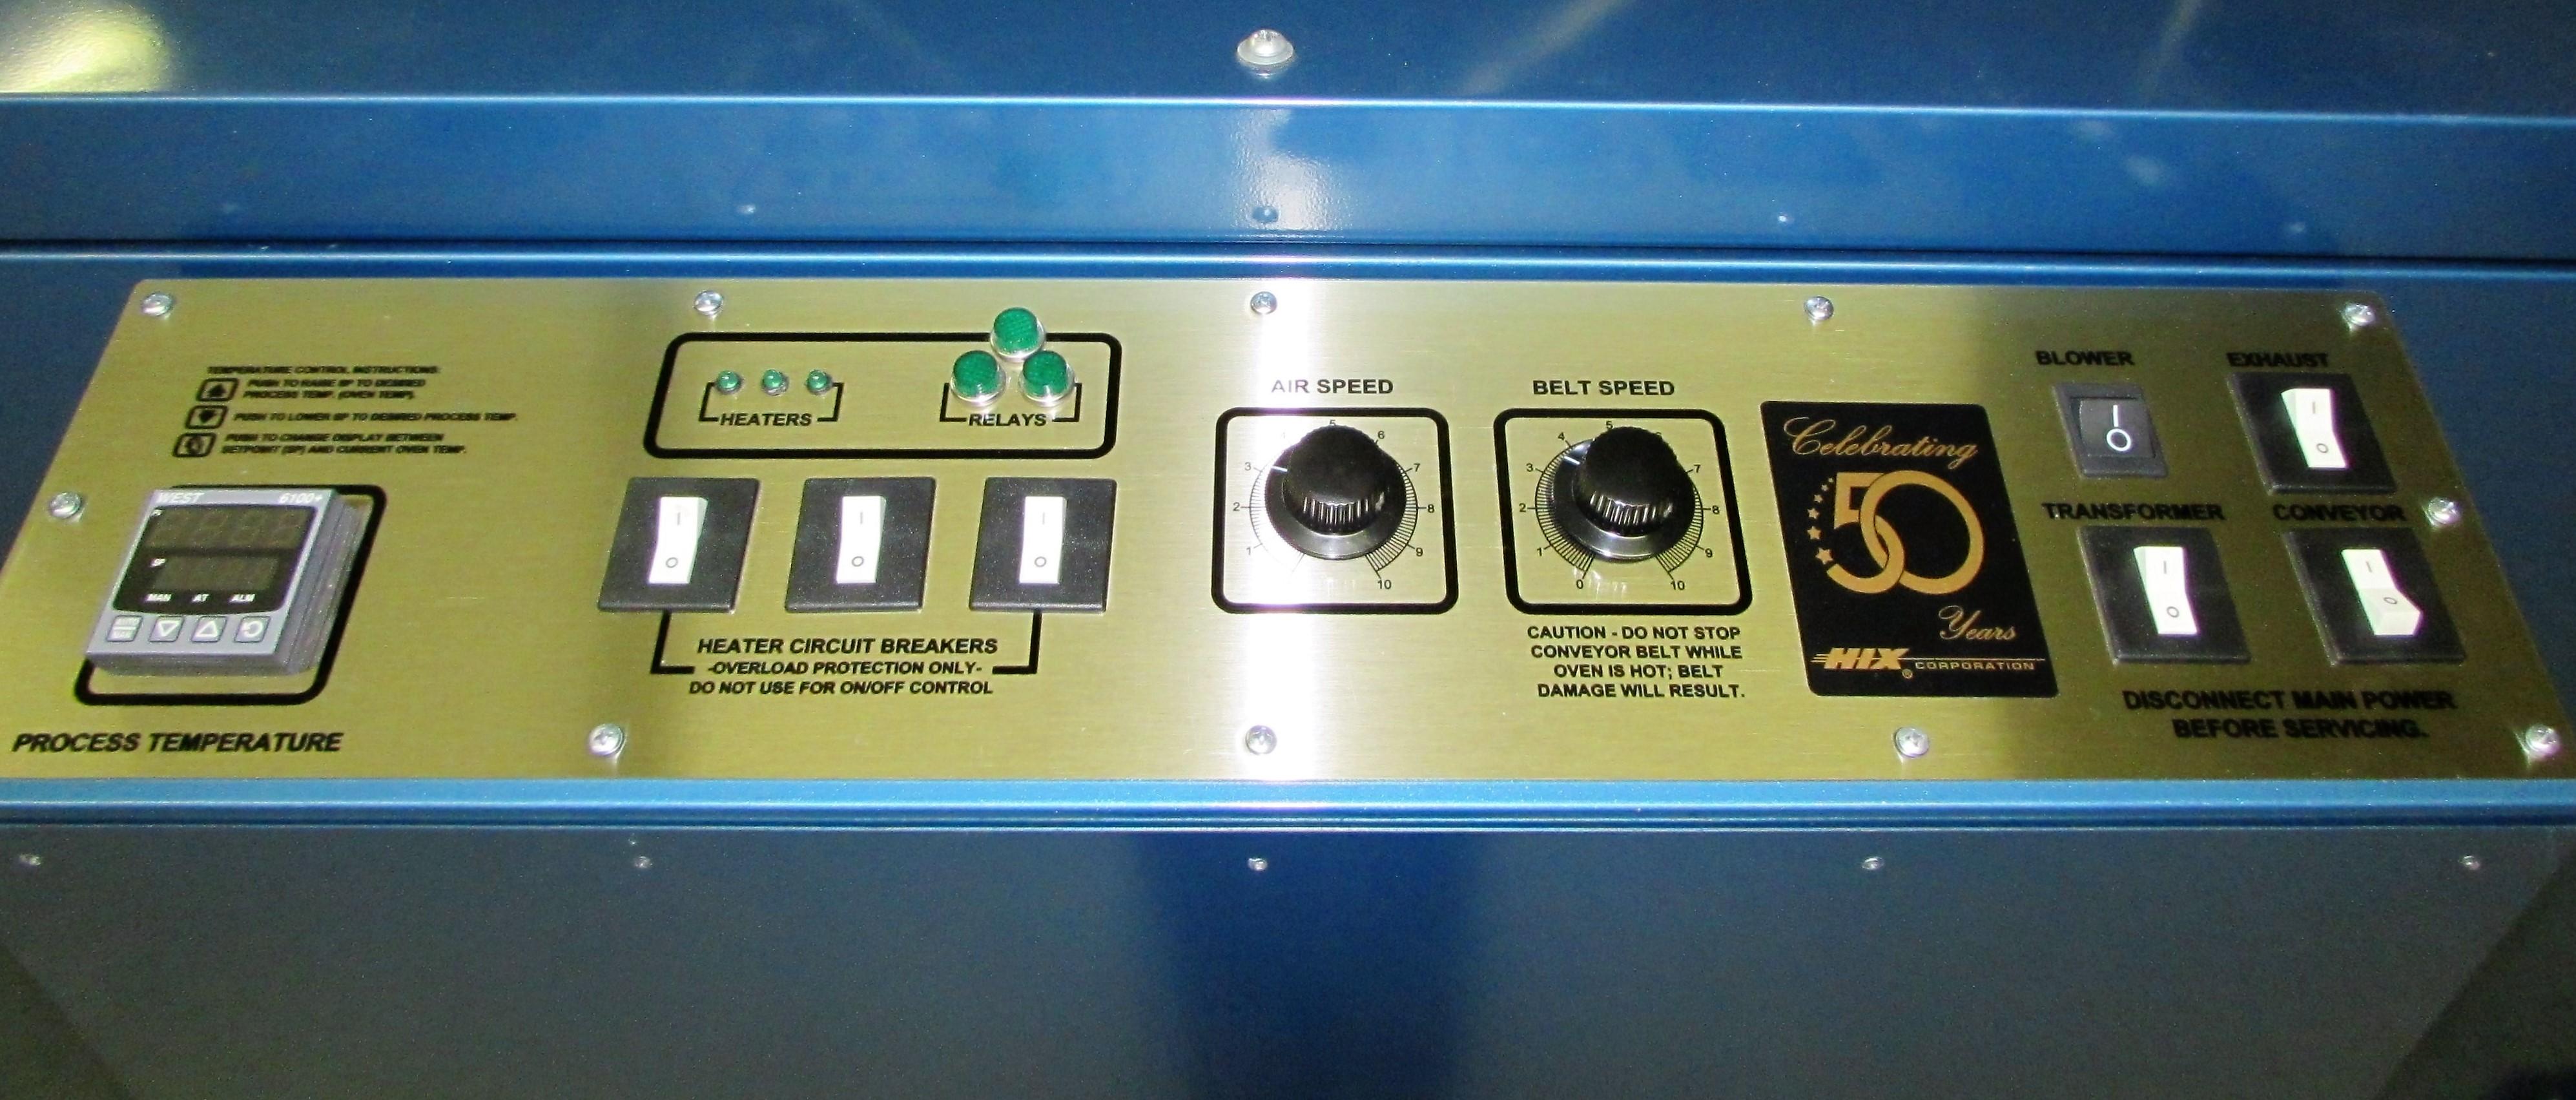 Brand New 3610 Hix Dryer 220v 3 Phase